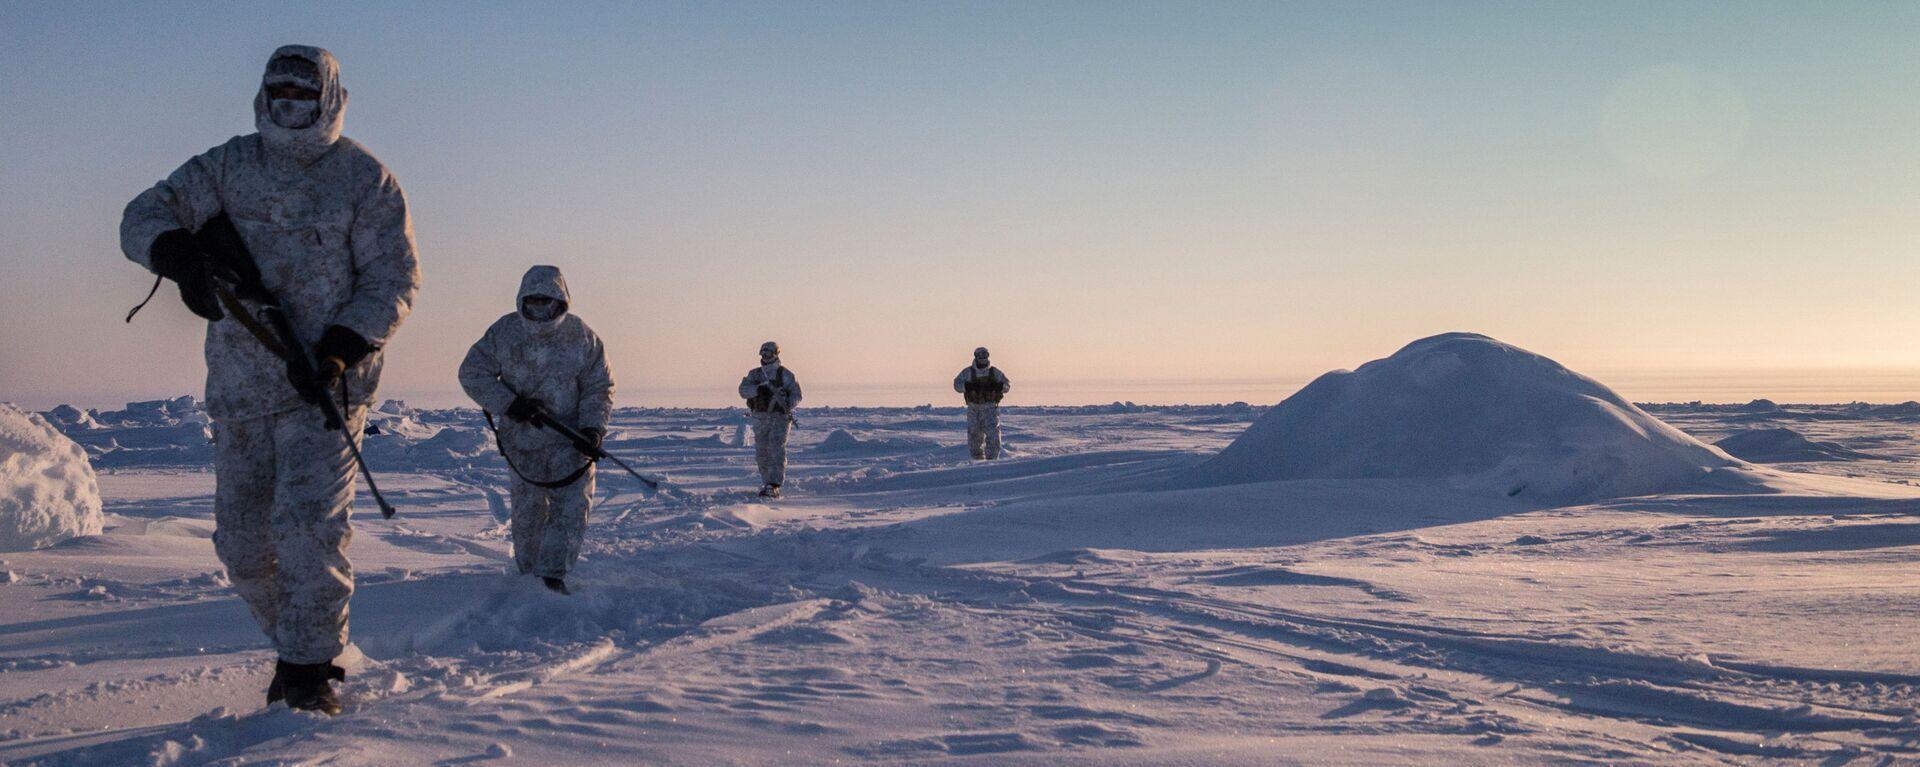 Cvičení speciálních sil Čečenské republiky v oblasti severního pólu. Illustrační foto - Sputnik Česká republika, 1920, 14.10.2021